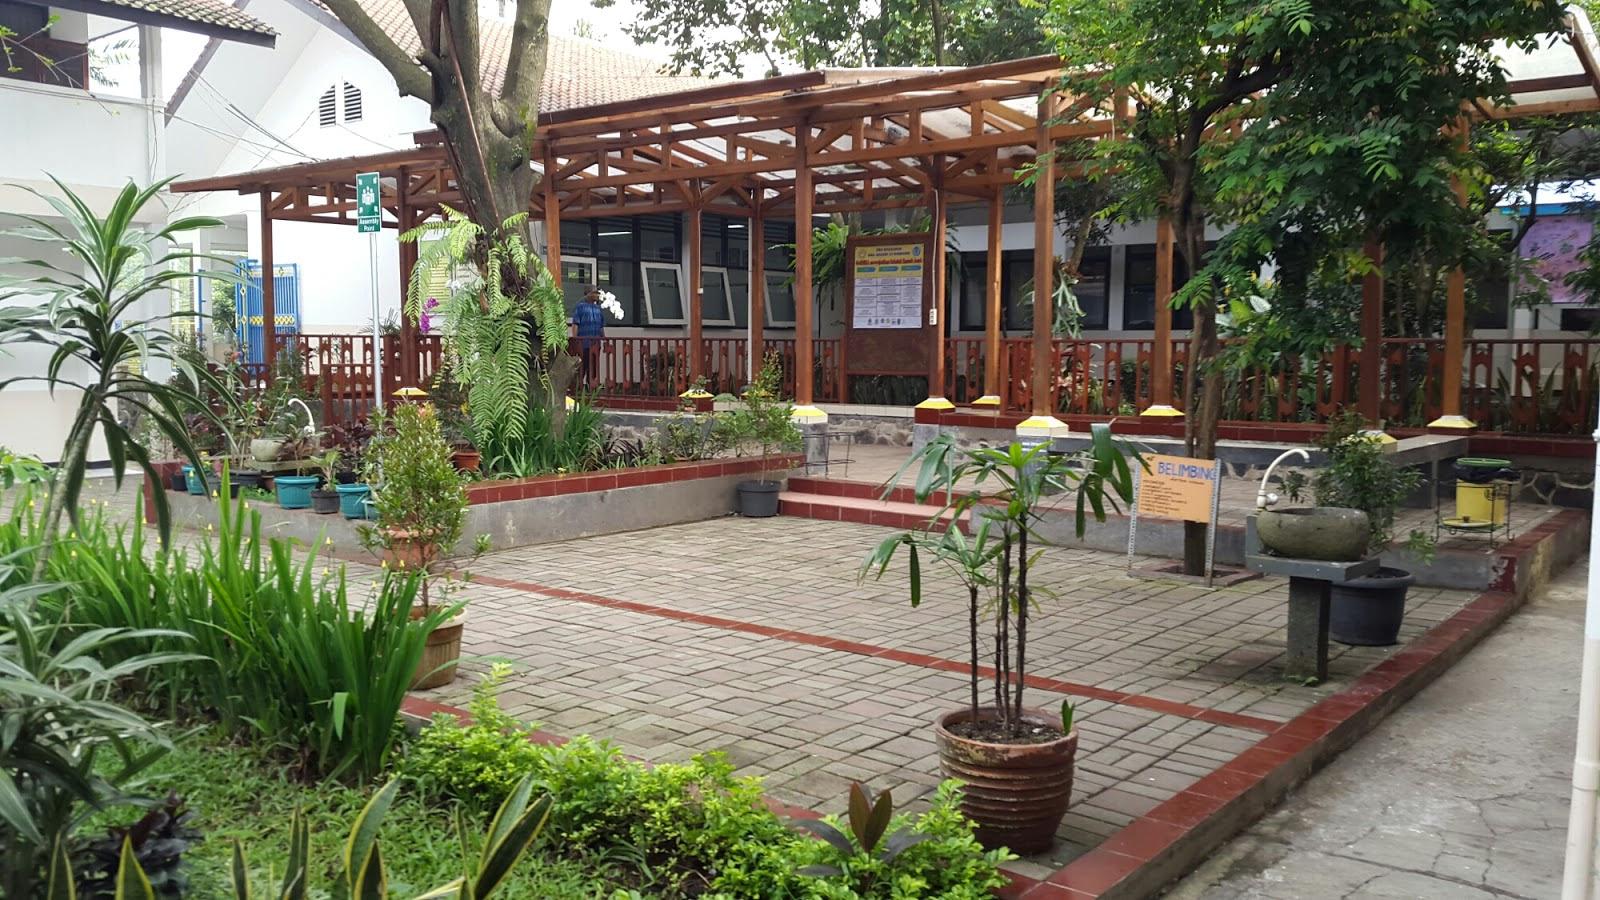 Sketsa Taman Jasa Design Taman 3d Jasa Pembuatan Taman Sketsa Taman